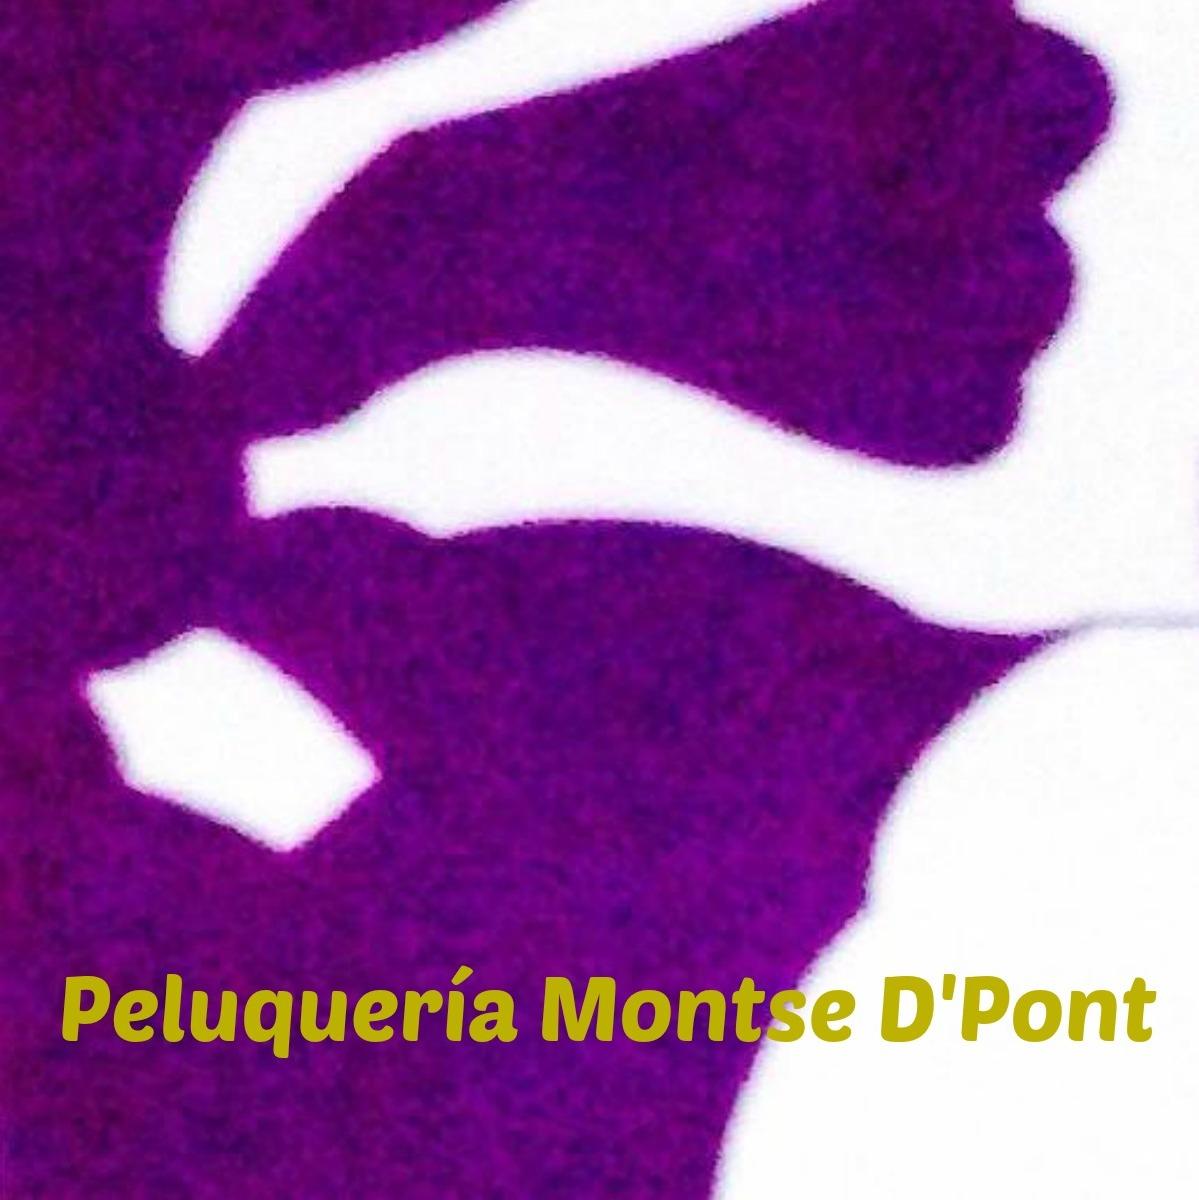 Montse DPont